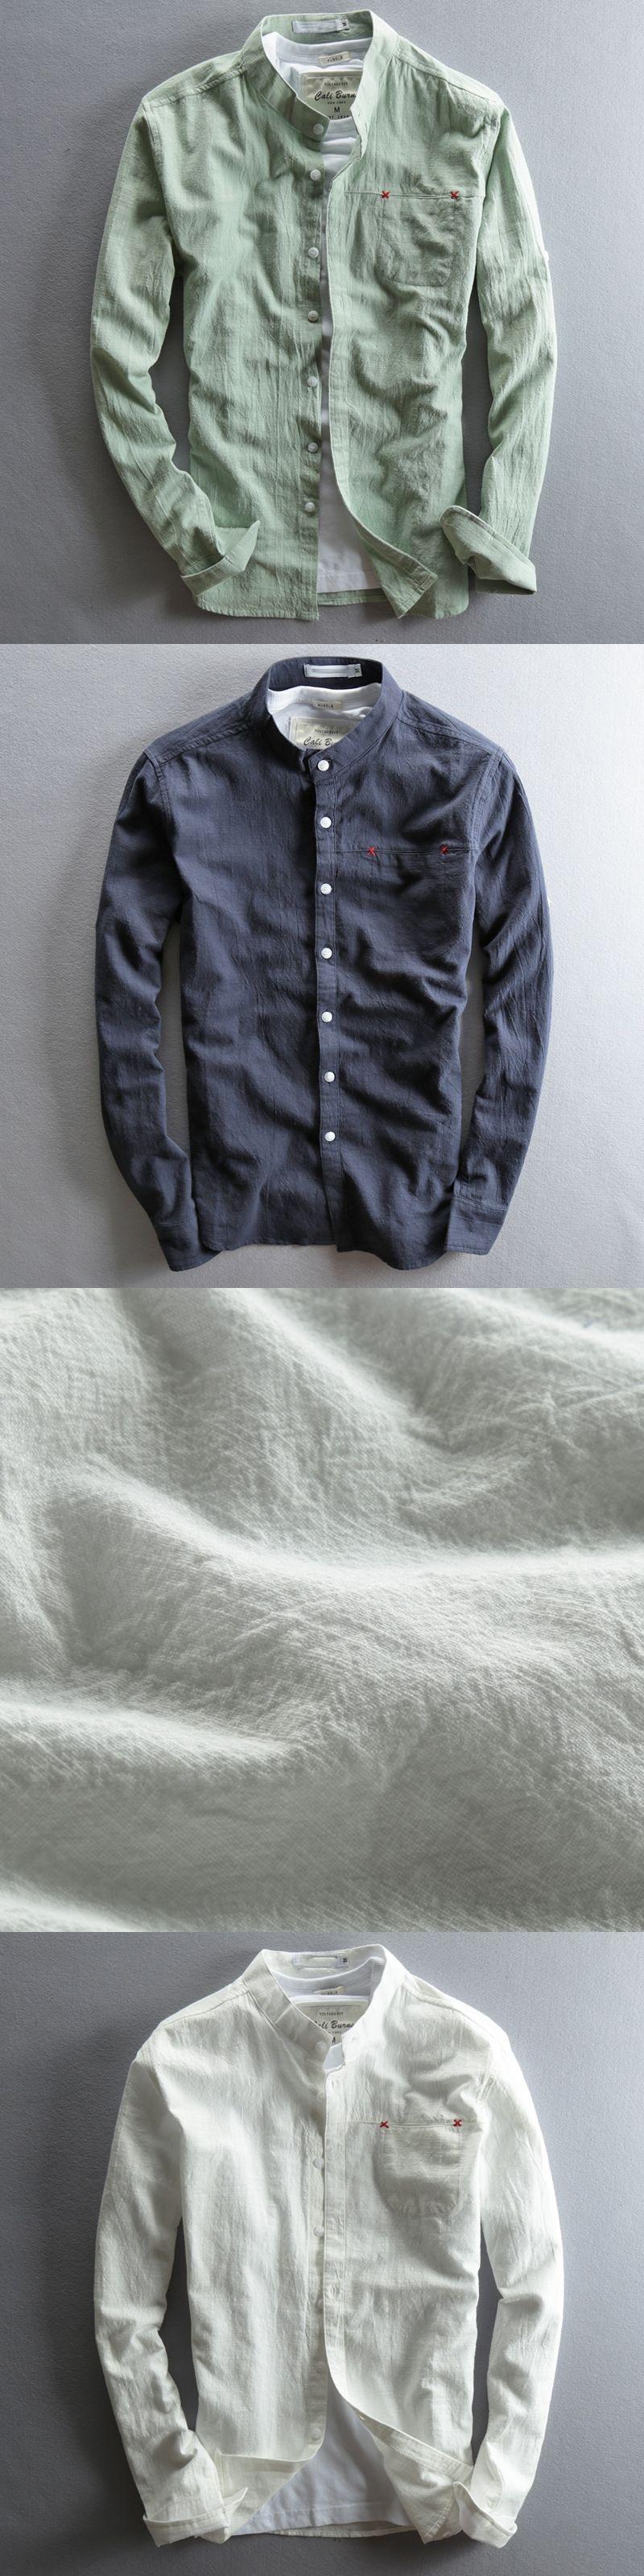 5400c72ccc8 Men White Linen Shirt Stand Collar Chinese Traditional Mandarin Collar  Cotton Dress Shirt Long sleeve Linen